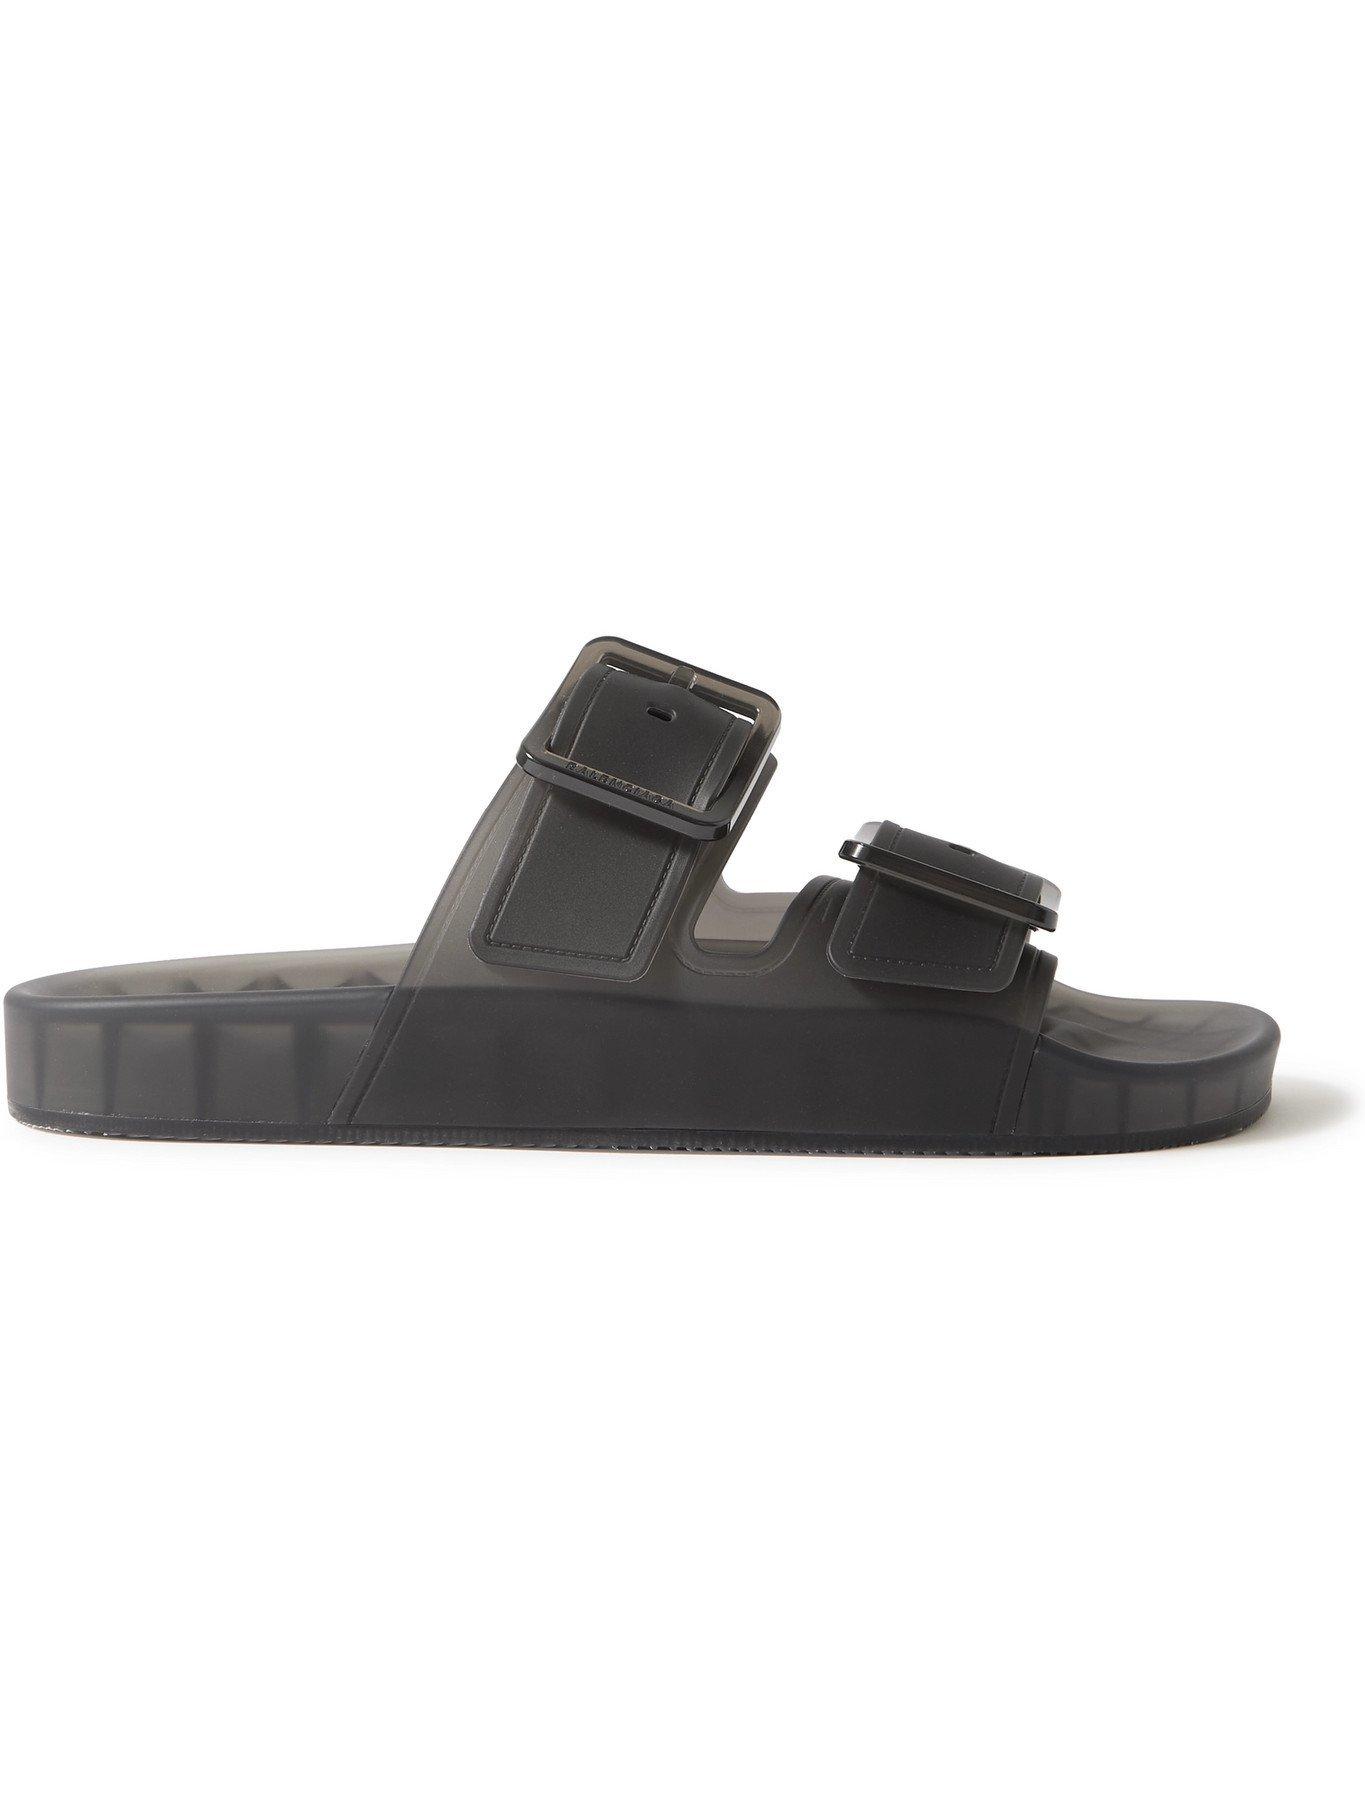 Photo: BALENCIAGA - Mallorca Rubber Sandals - Black